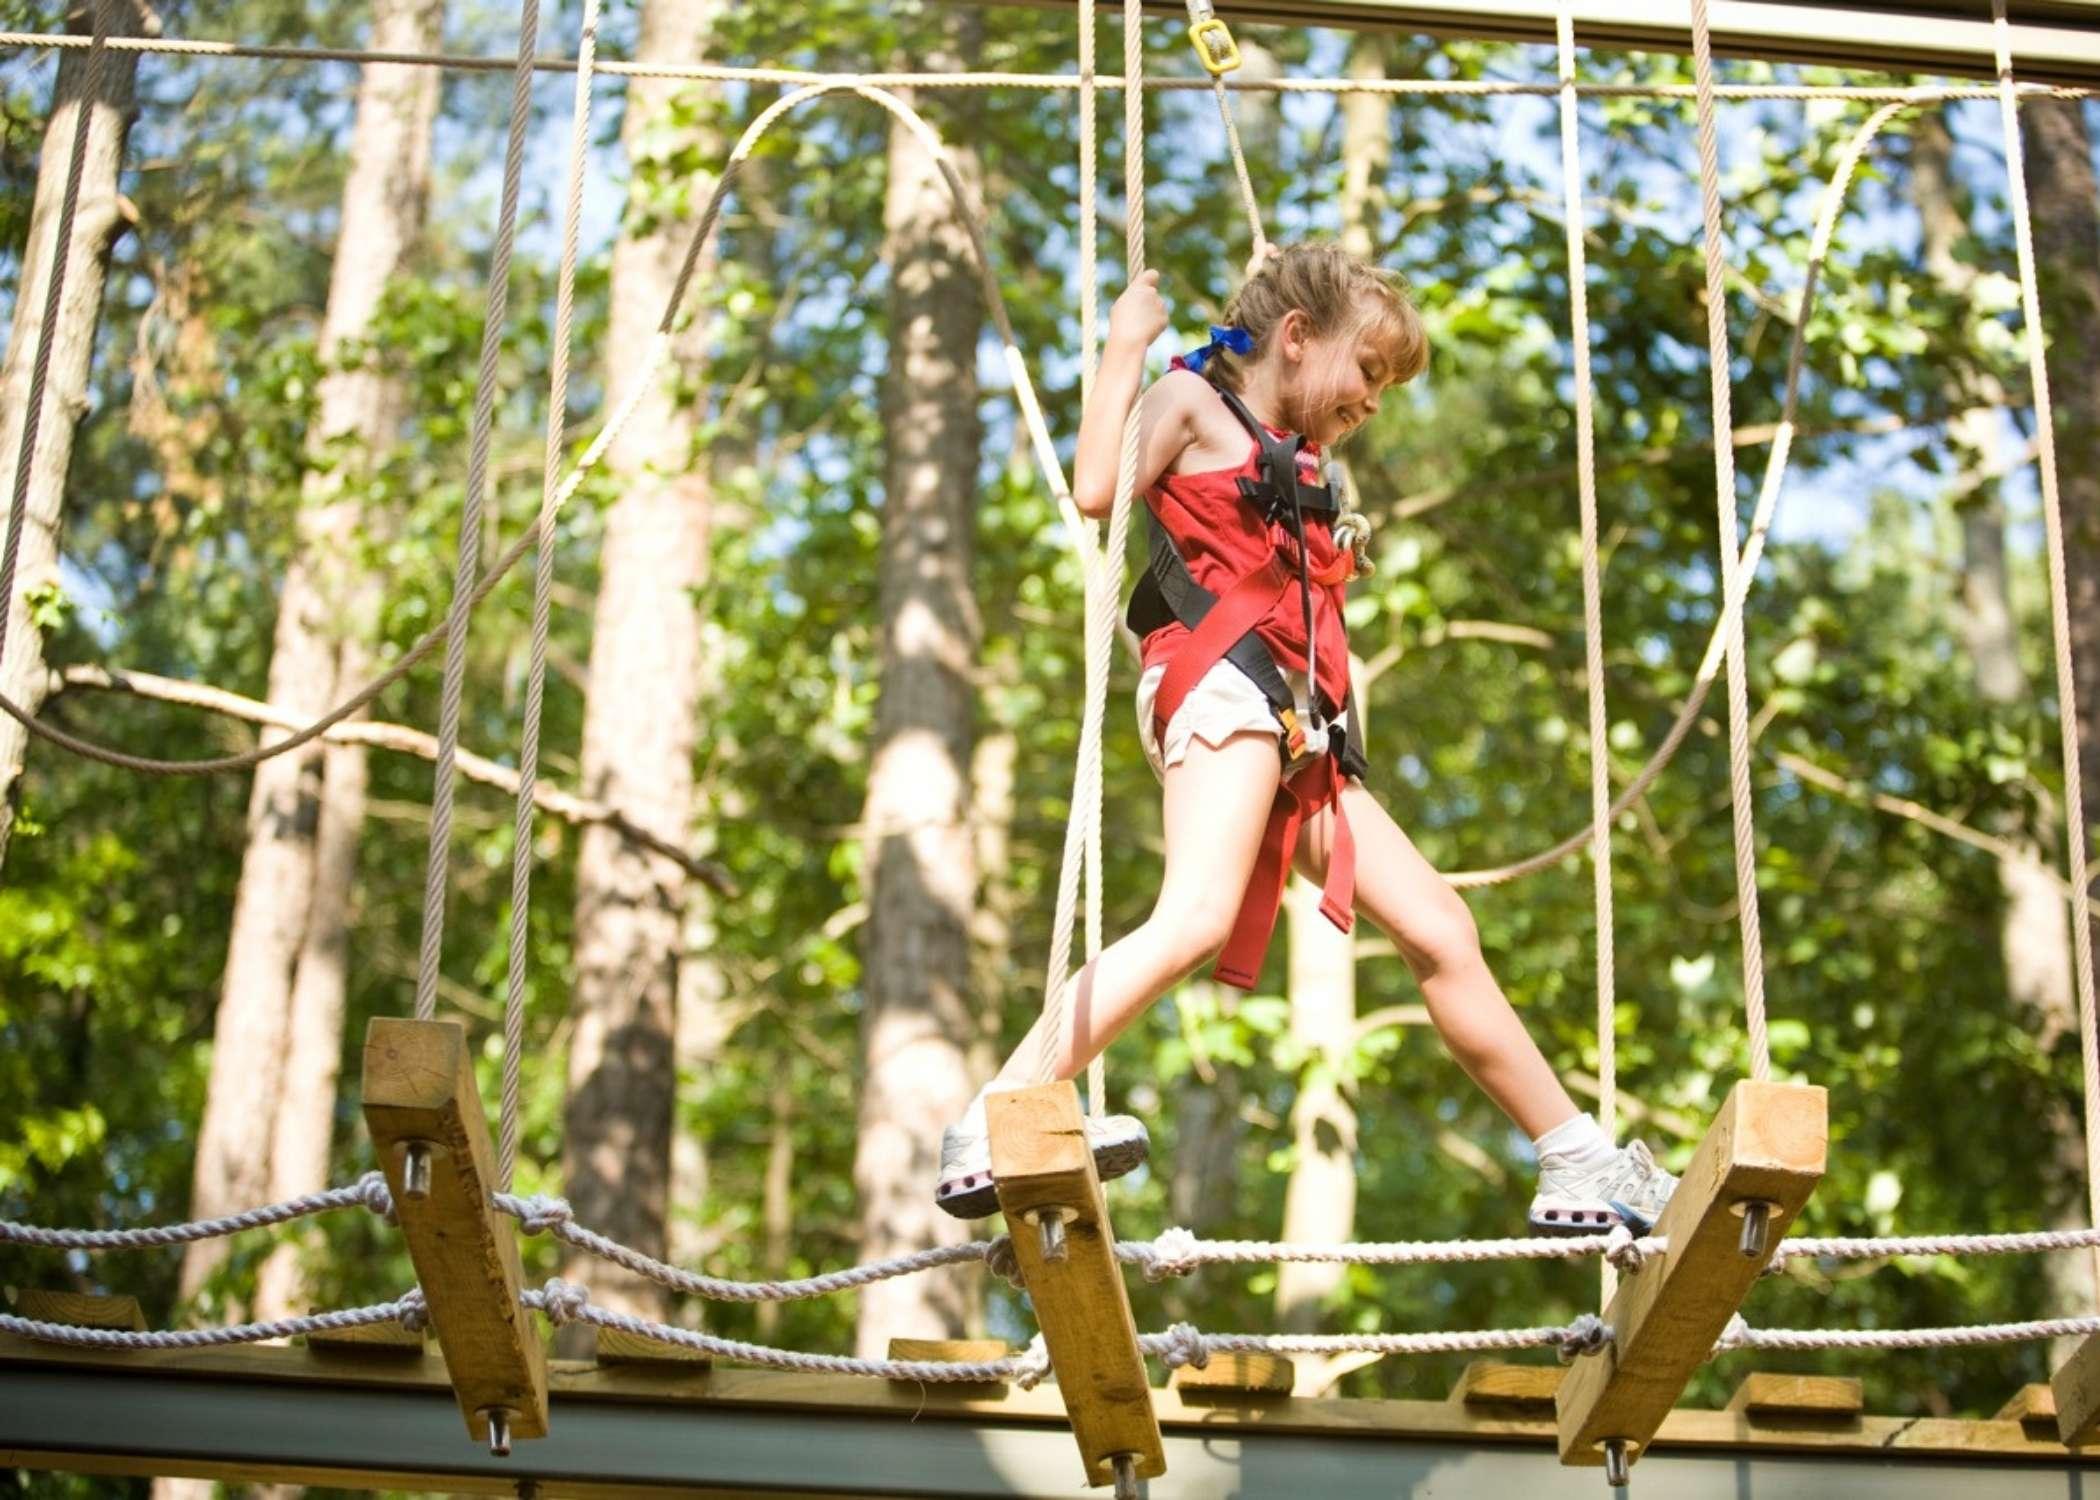 RCI Supplier, High Ropes Course Design